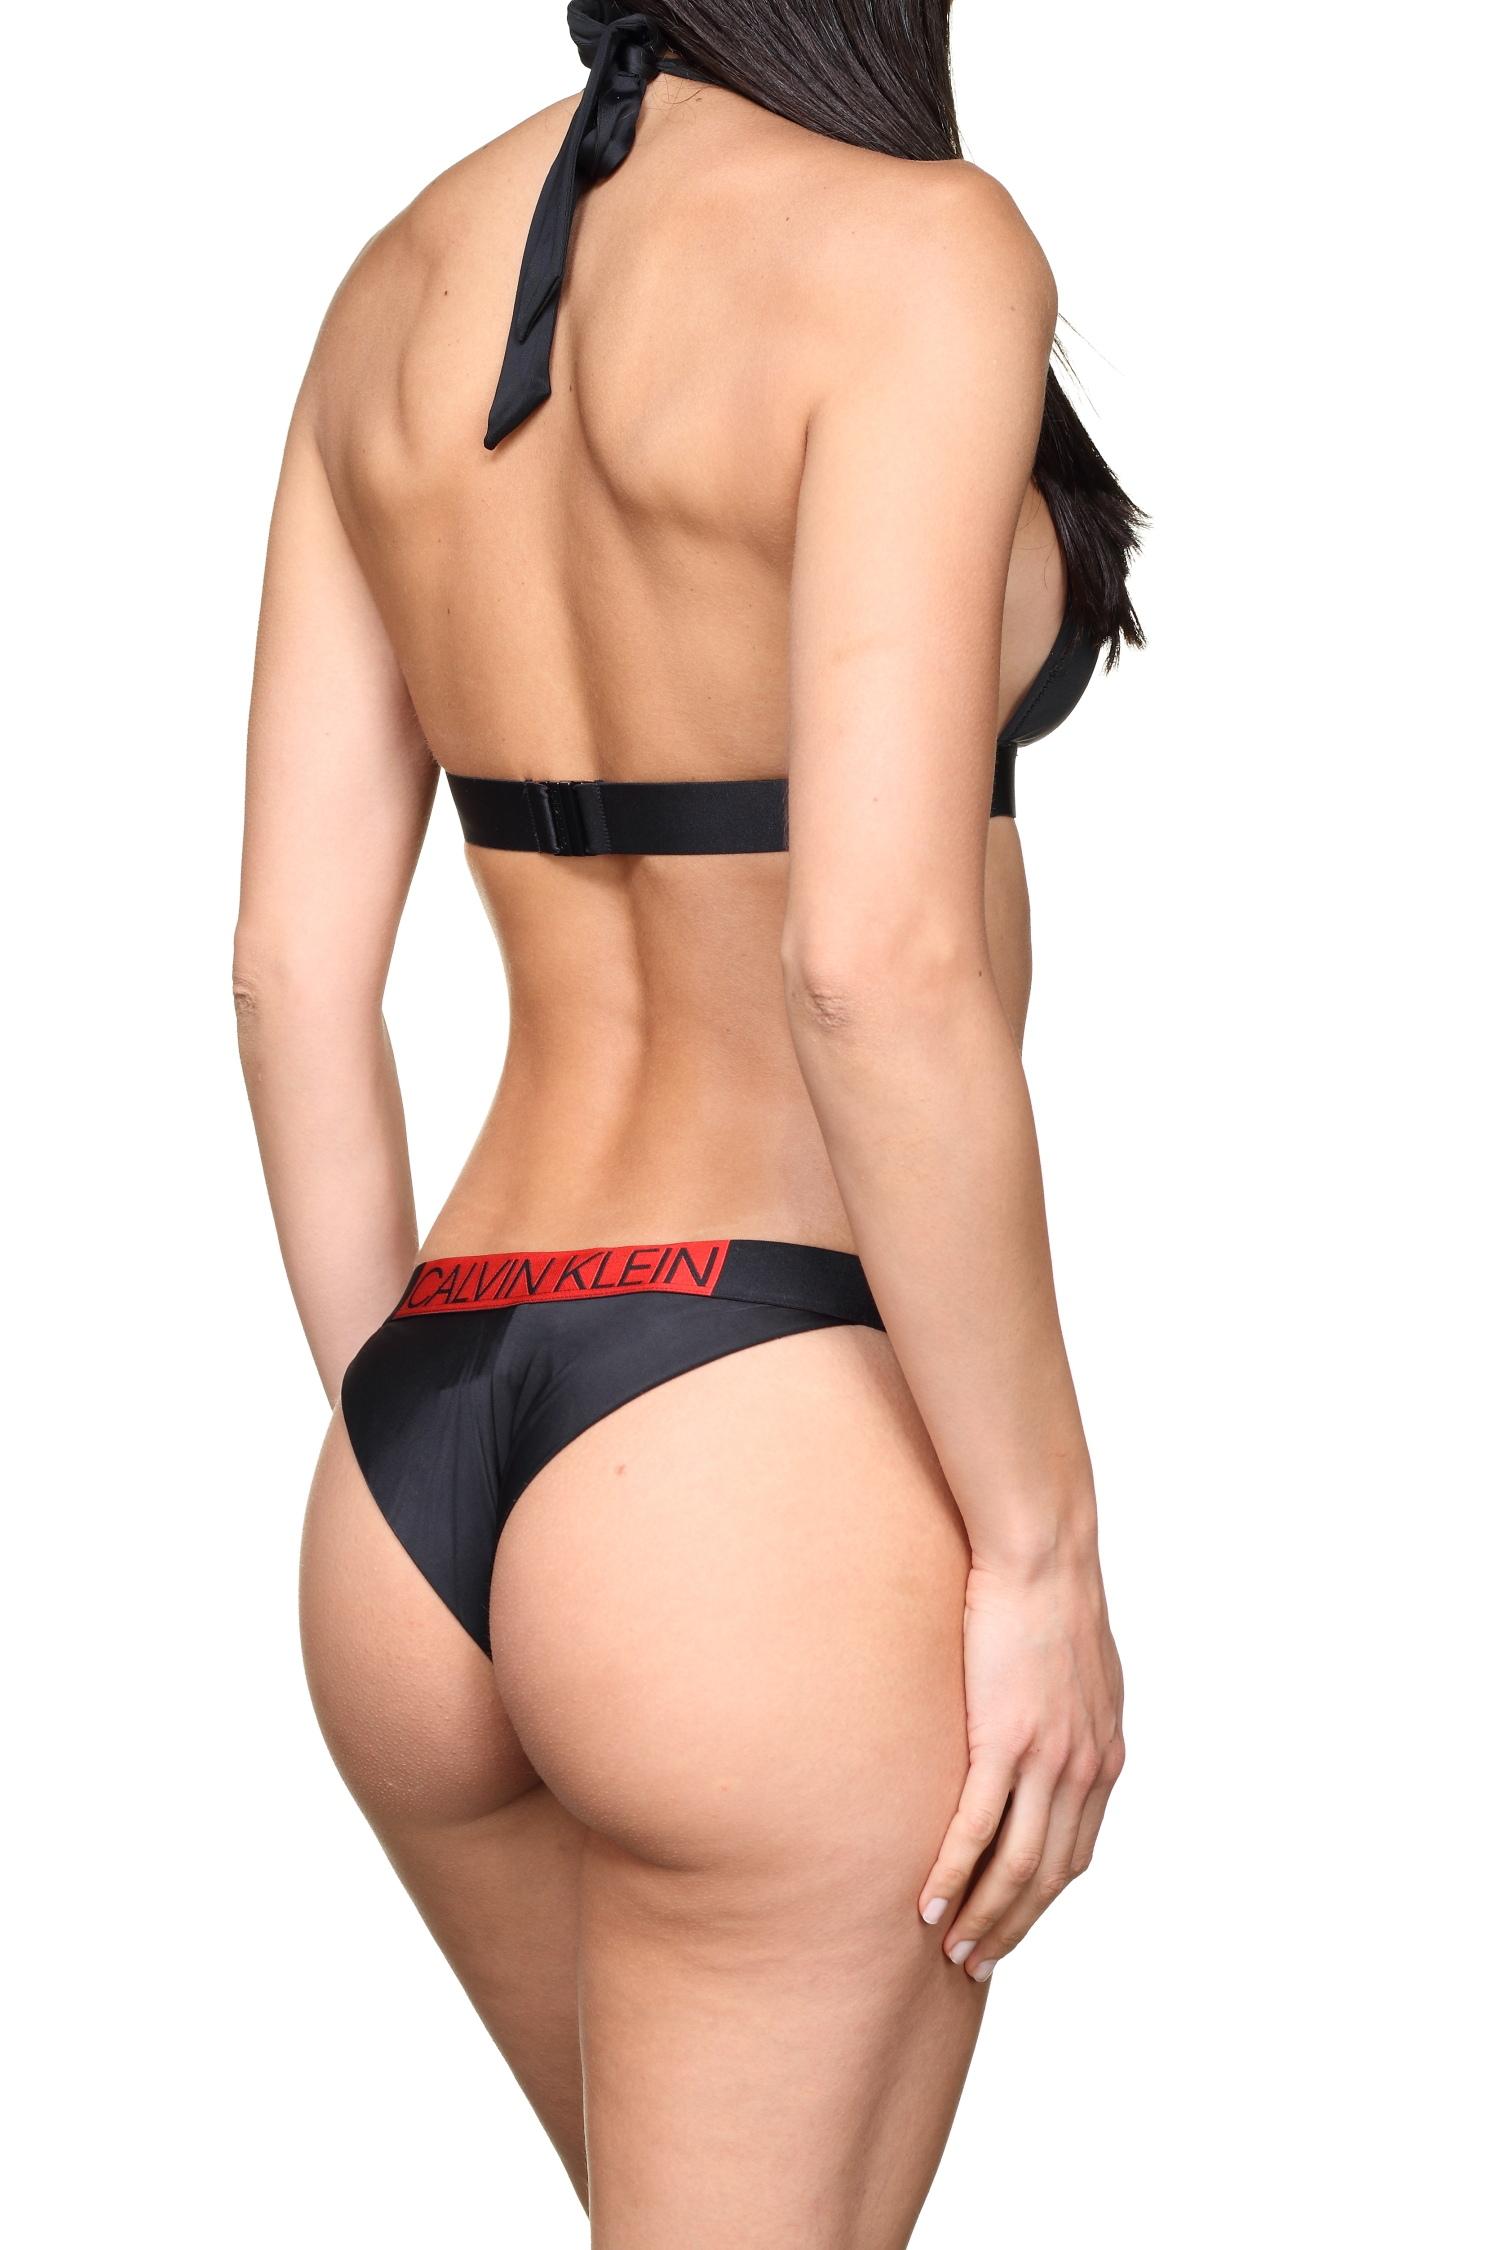 cca77ebf9 Calvin Klein dámske plavky brazilky W00619 čierne - Spodné prádlo a ...